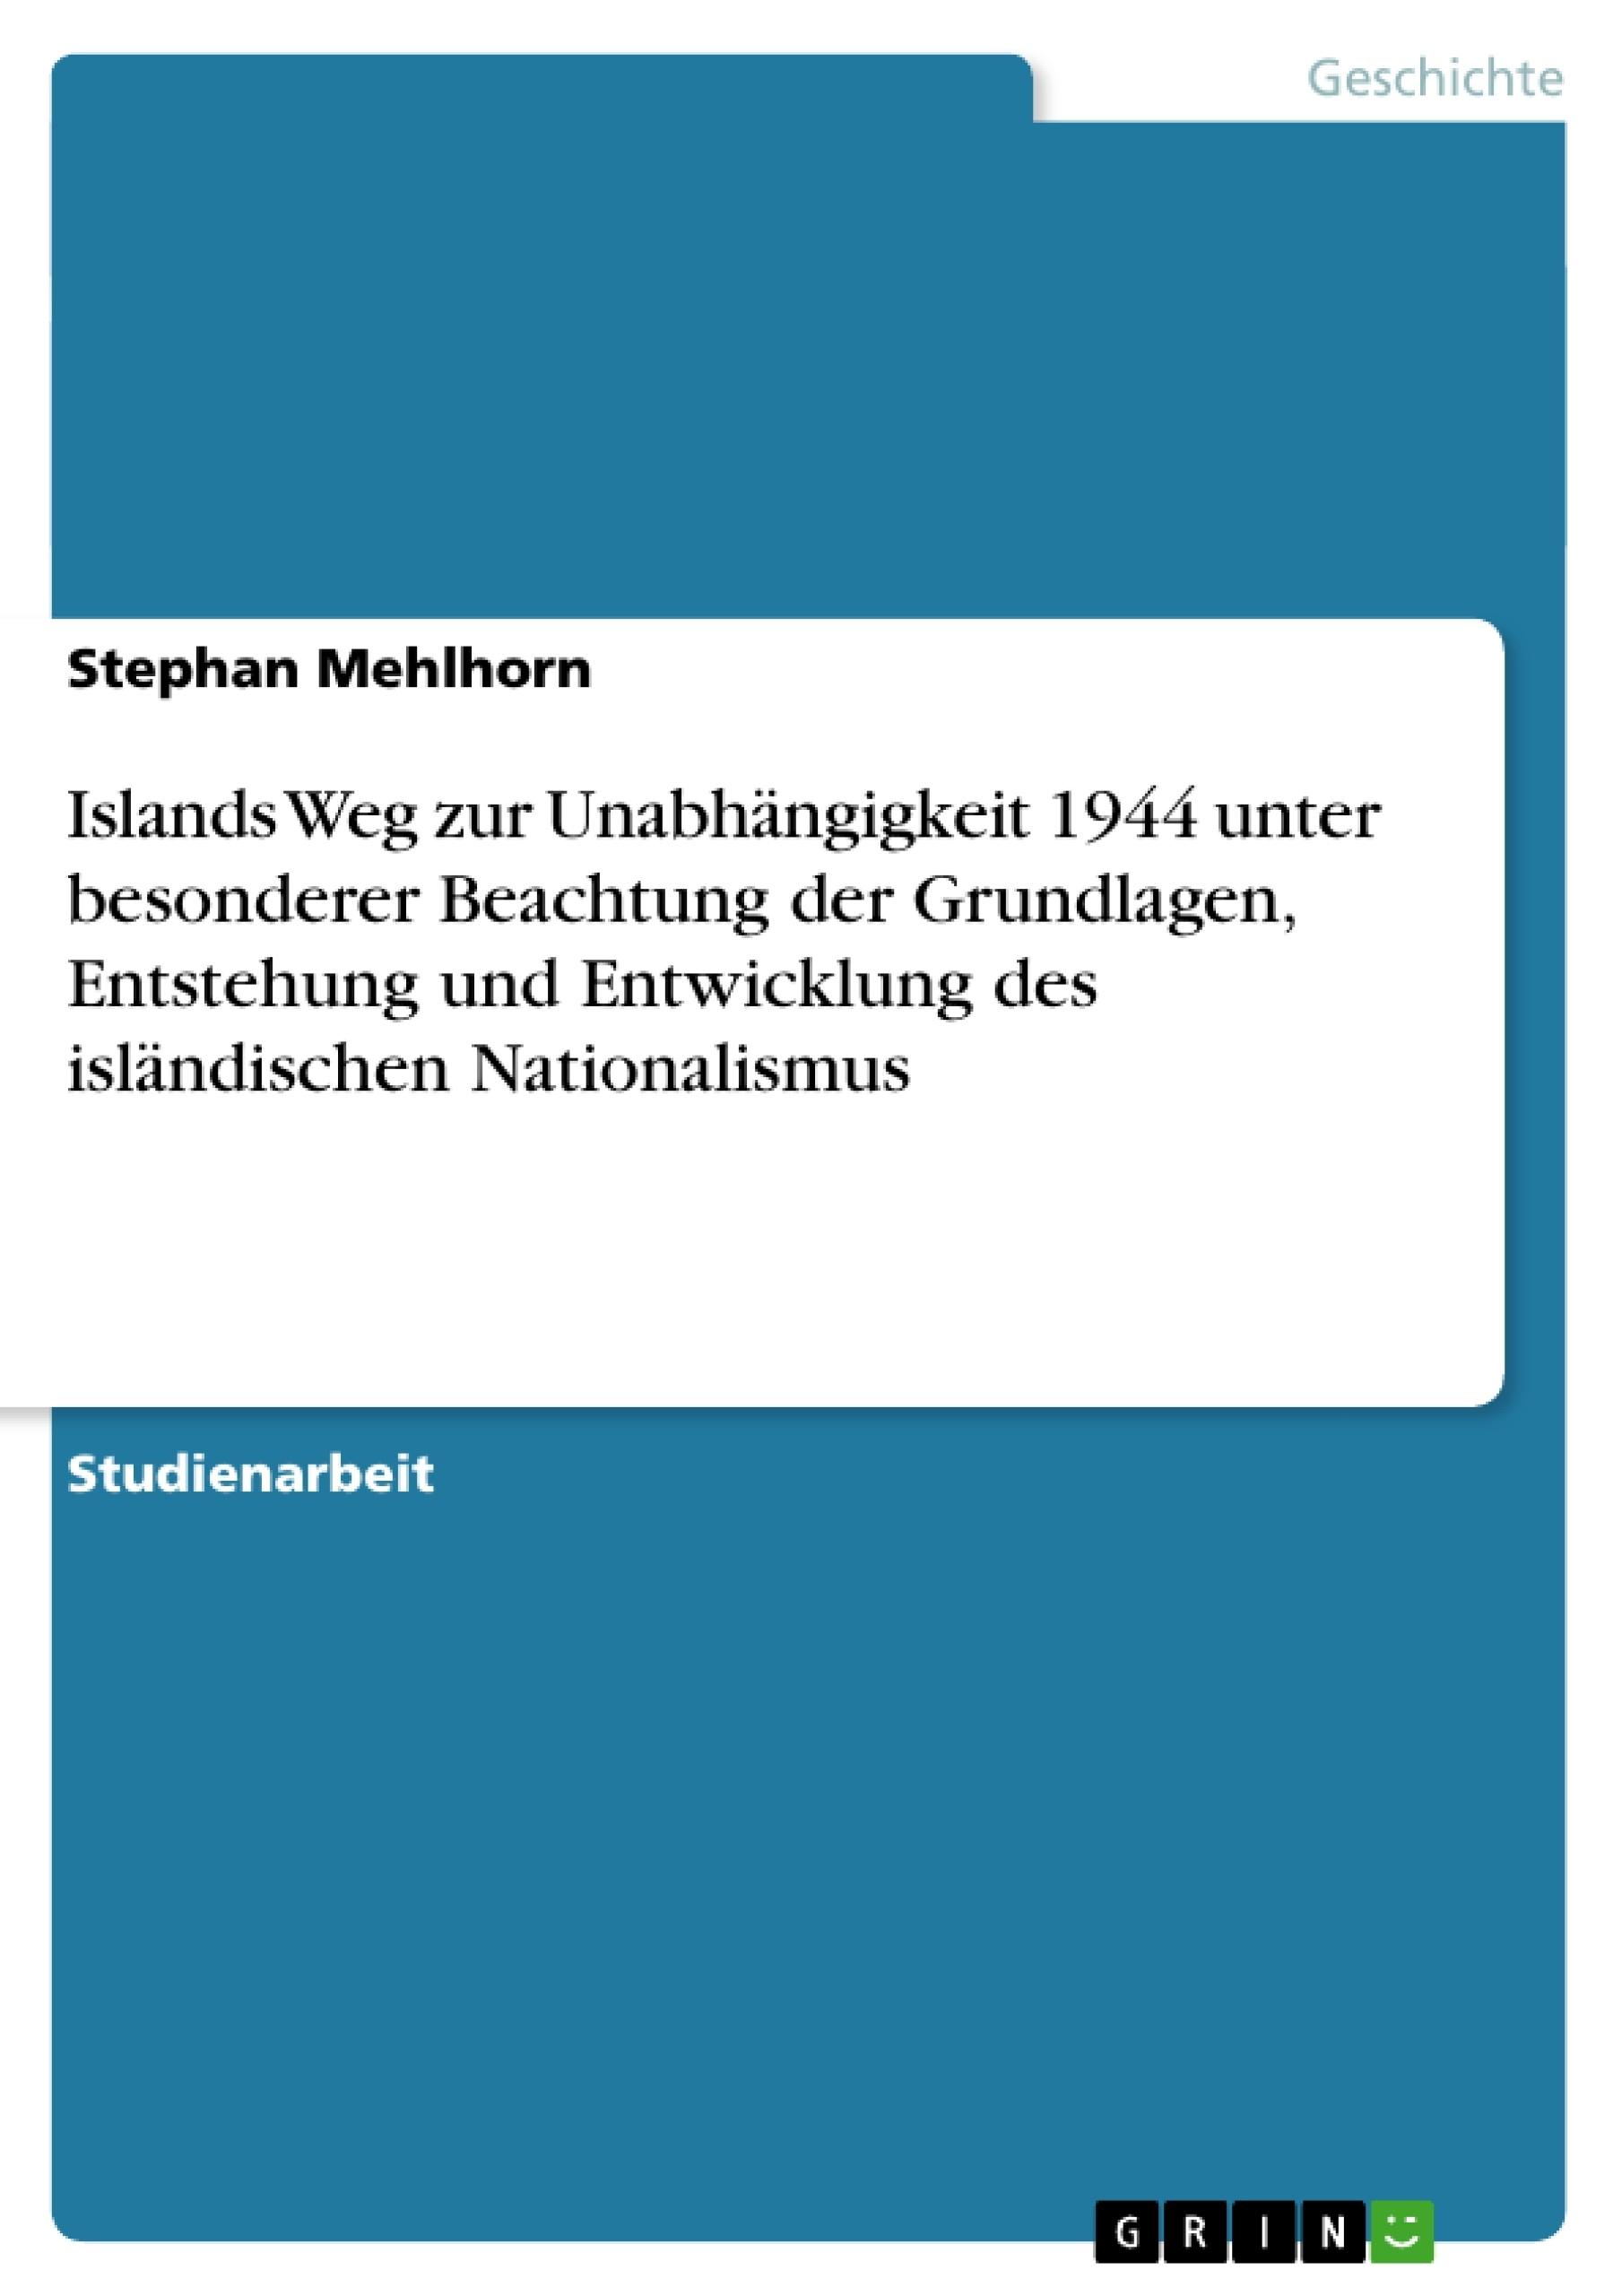 Titel: Islands Weg zur Unabhängigkeit 1944 unter besonderer Beachtung der Grundlagen, Entstehung und Entwicklung des isländischen Nationalismus